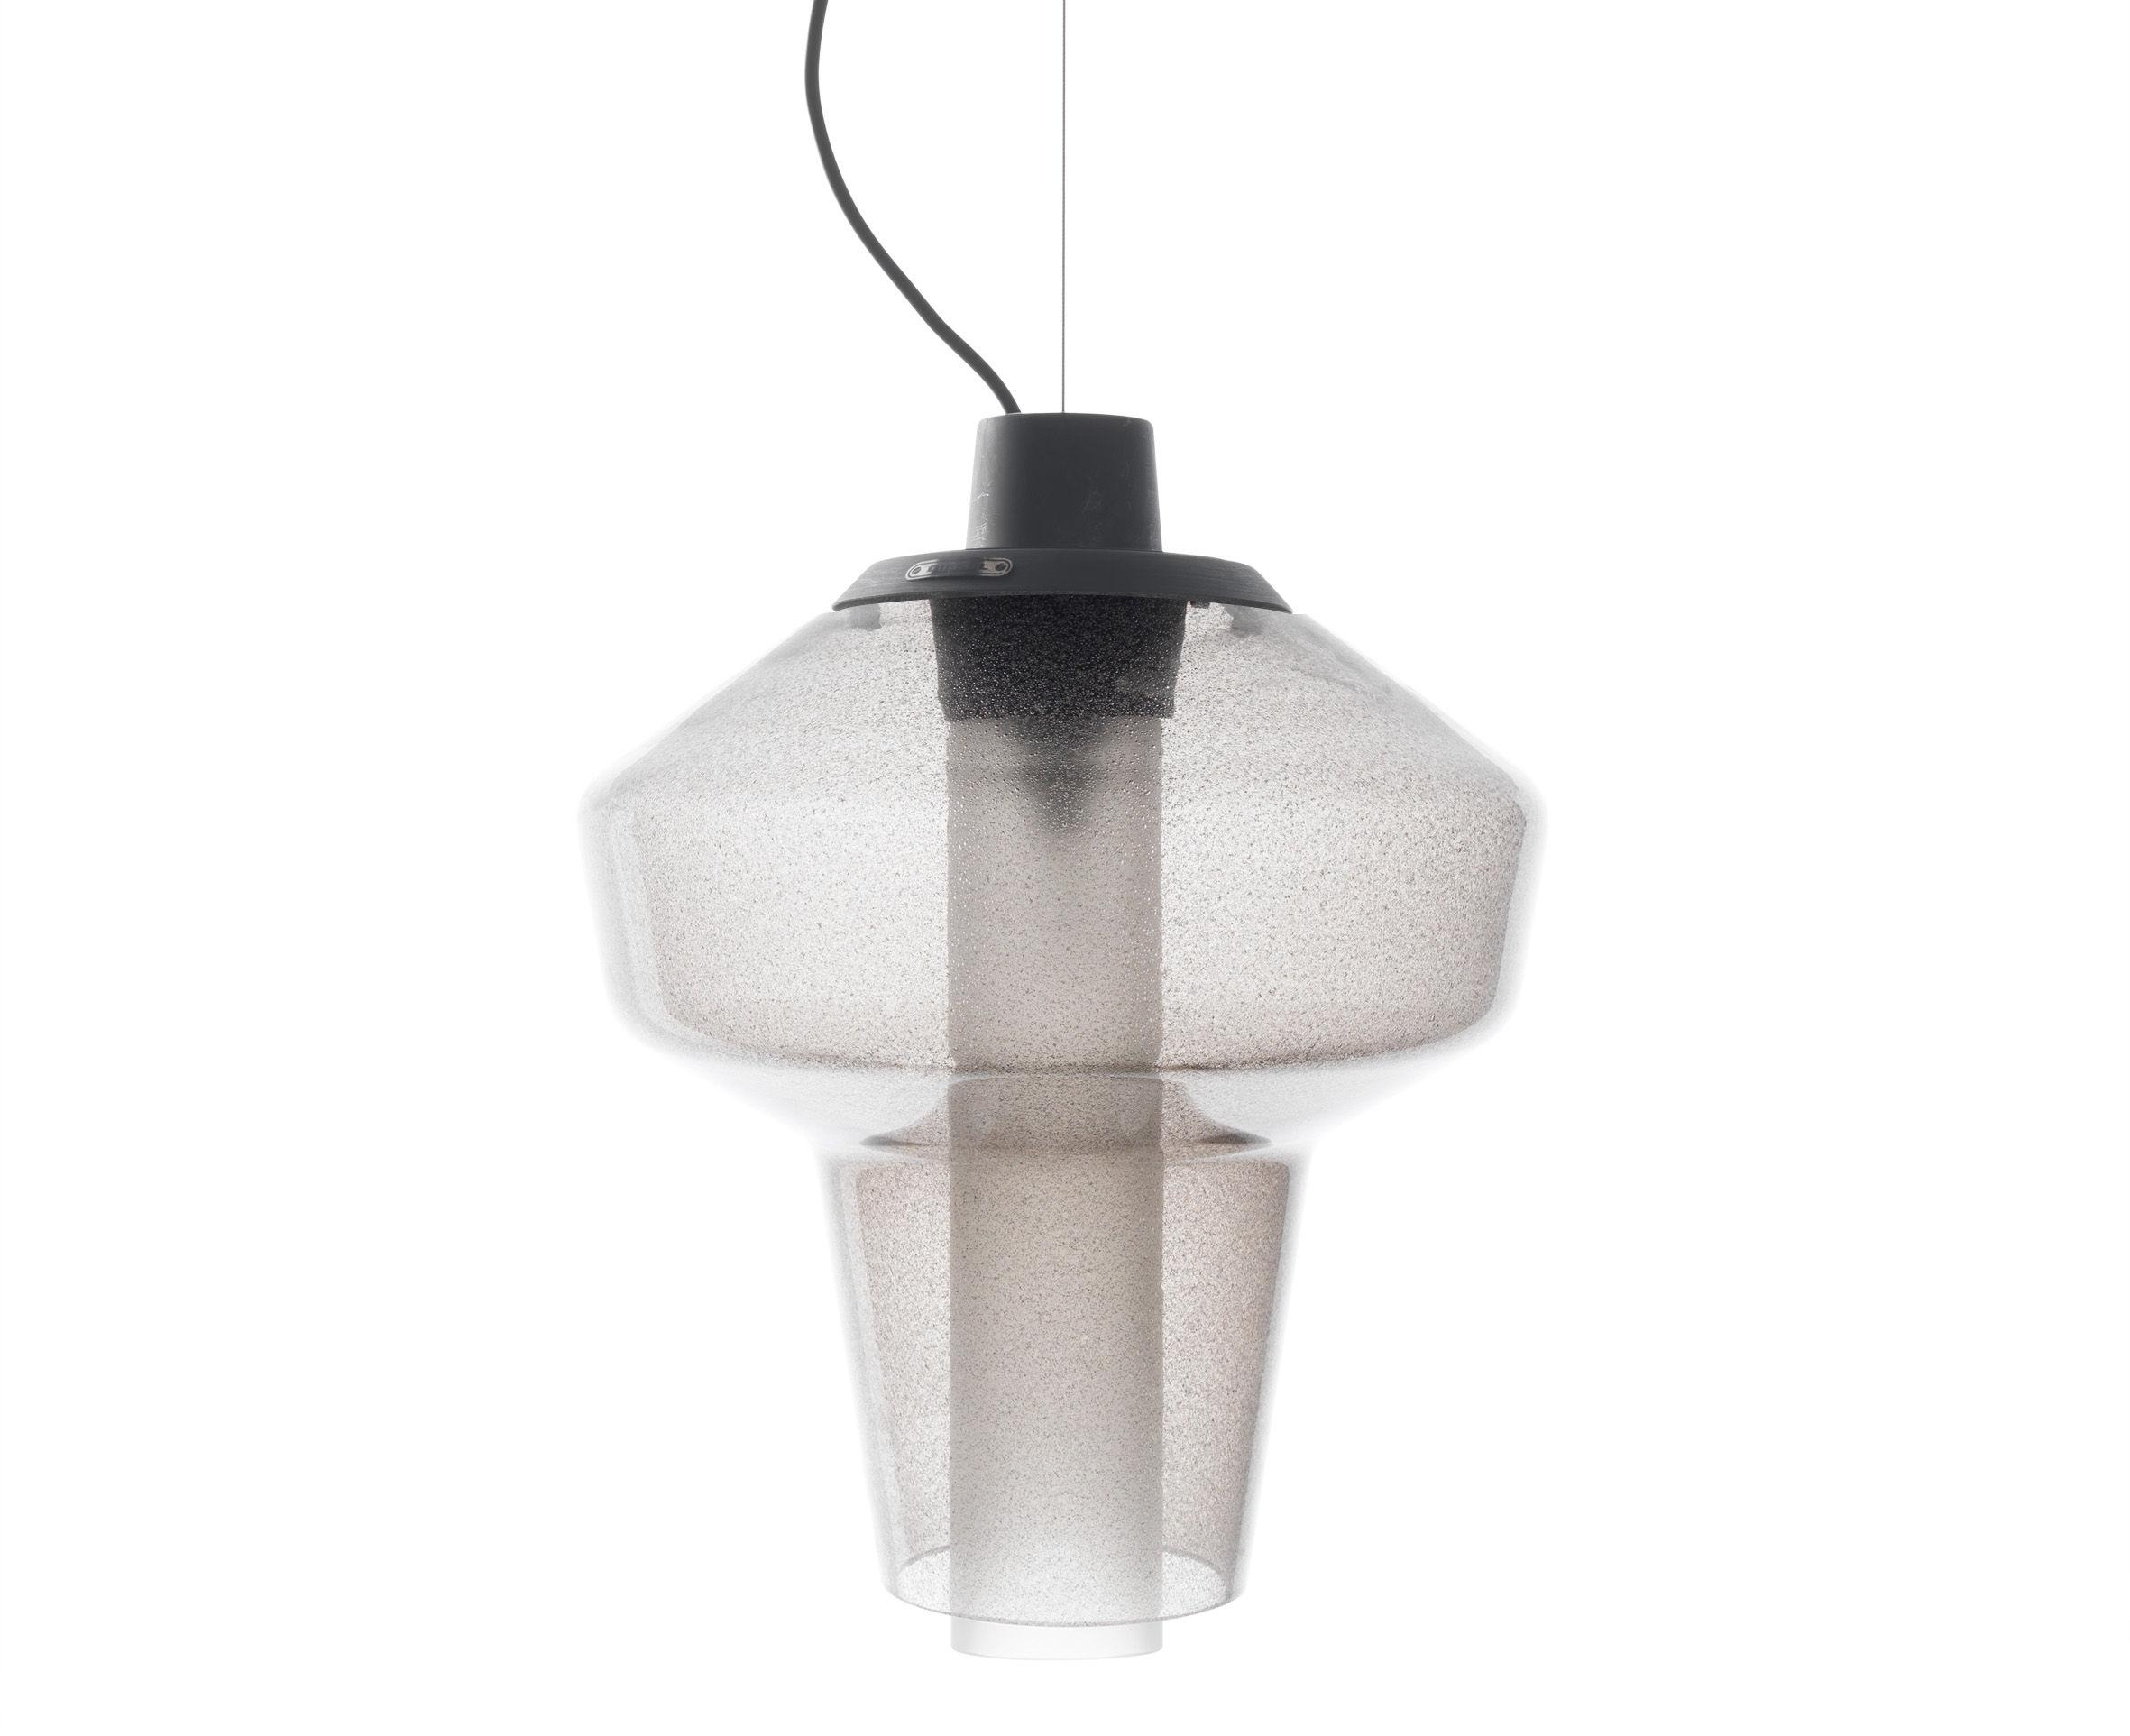 Illuminazione - Lampadari - Sospensione Metal glass 1 - / Ø 28 x H 41 cm di Diesel with Foscarini - Grigio - metallo verniciato, vetro soffiato